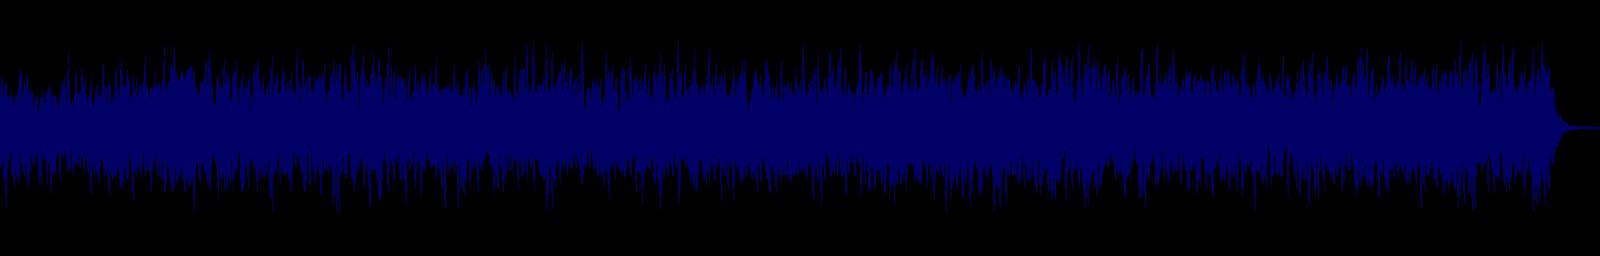 waveform of track #138314